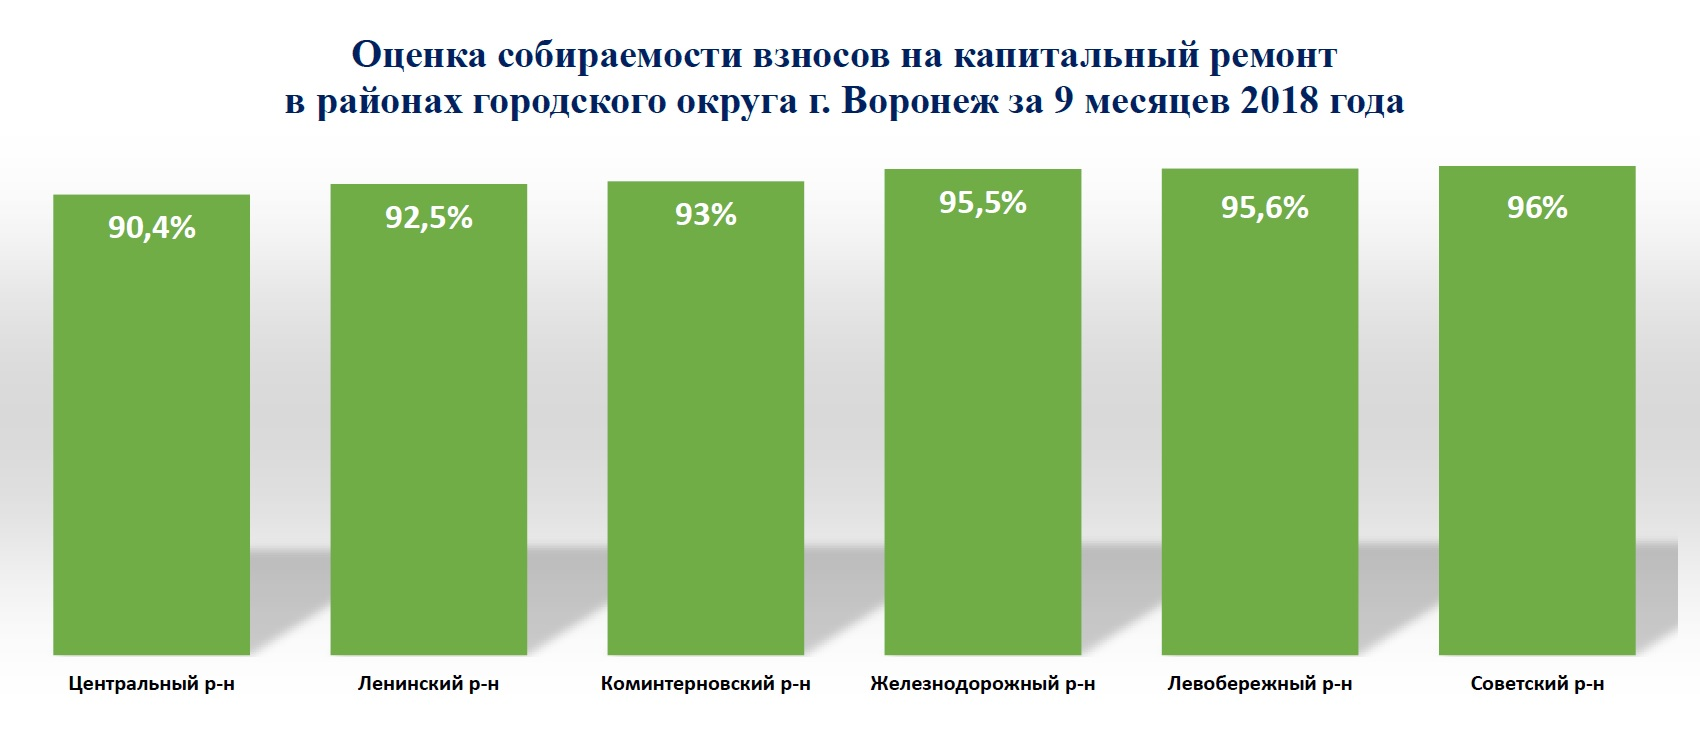 В Воронежской области собираемость взносов на капитальный ремонт за 9 месяцев 2018 года составила 93,1%